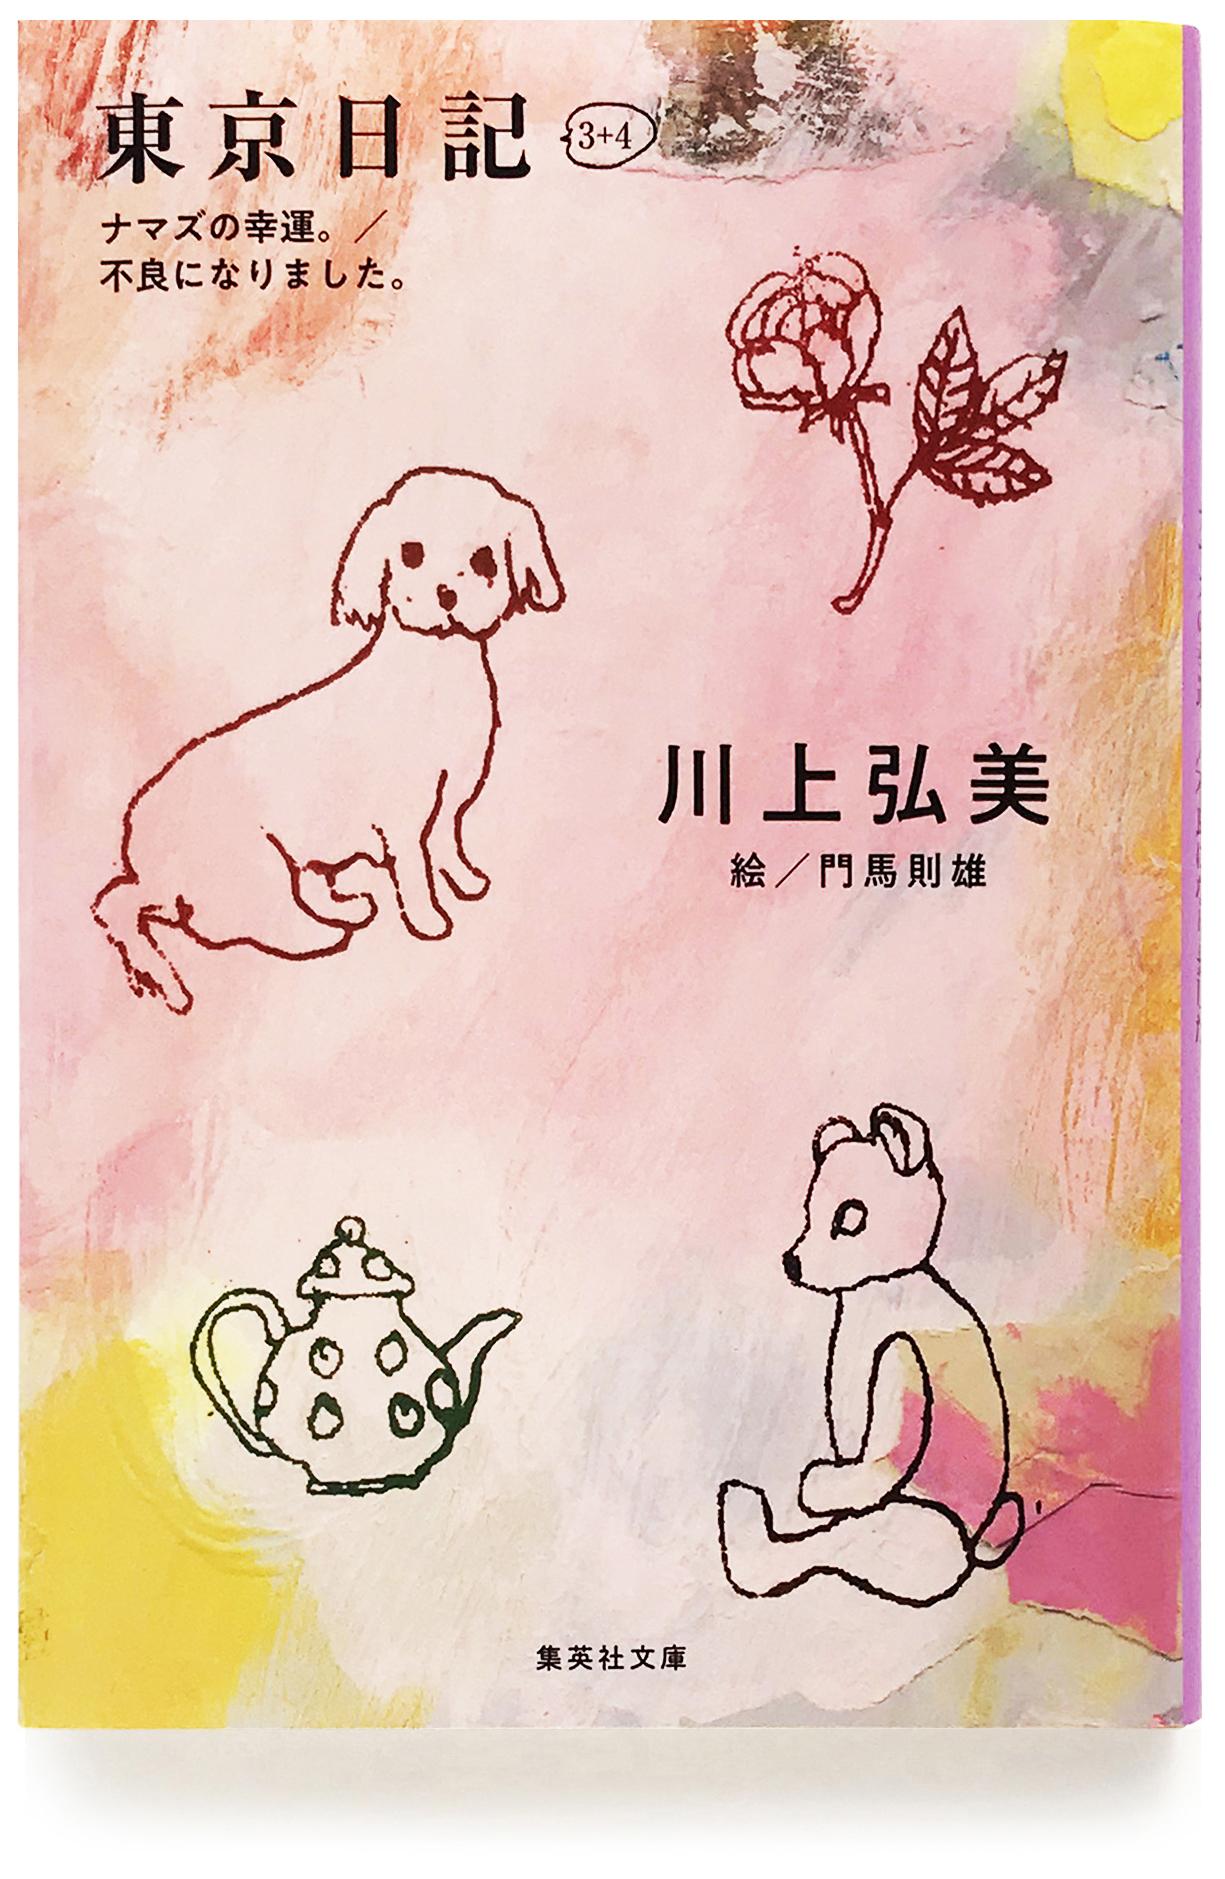 『東京日記3+4 ナマズの幸運。/不良になりました。』